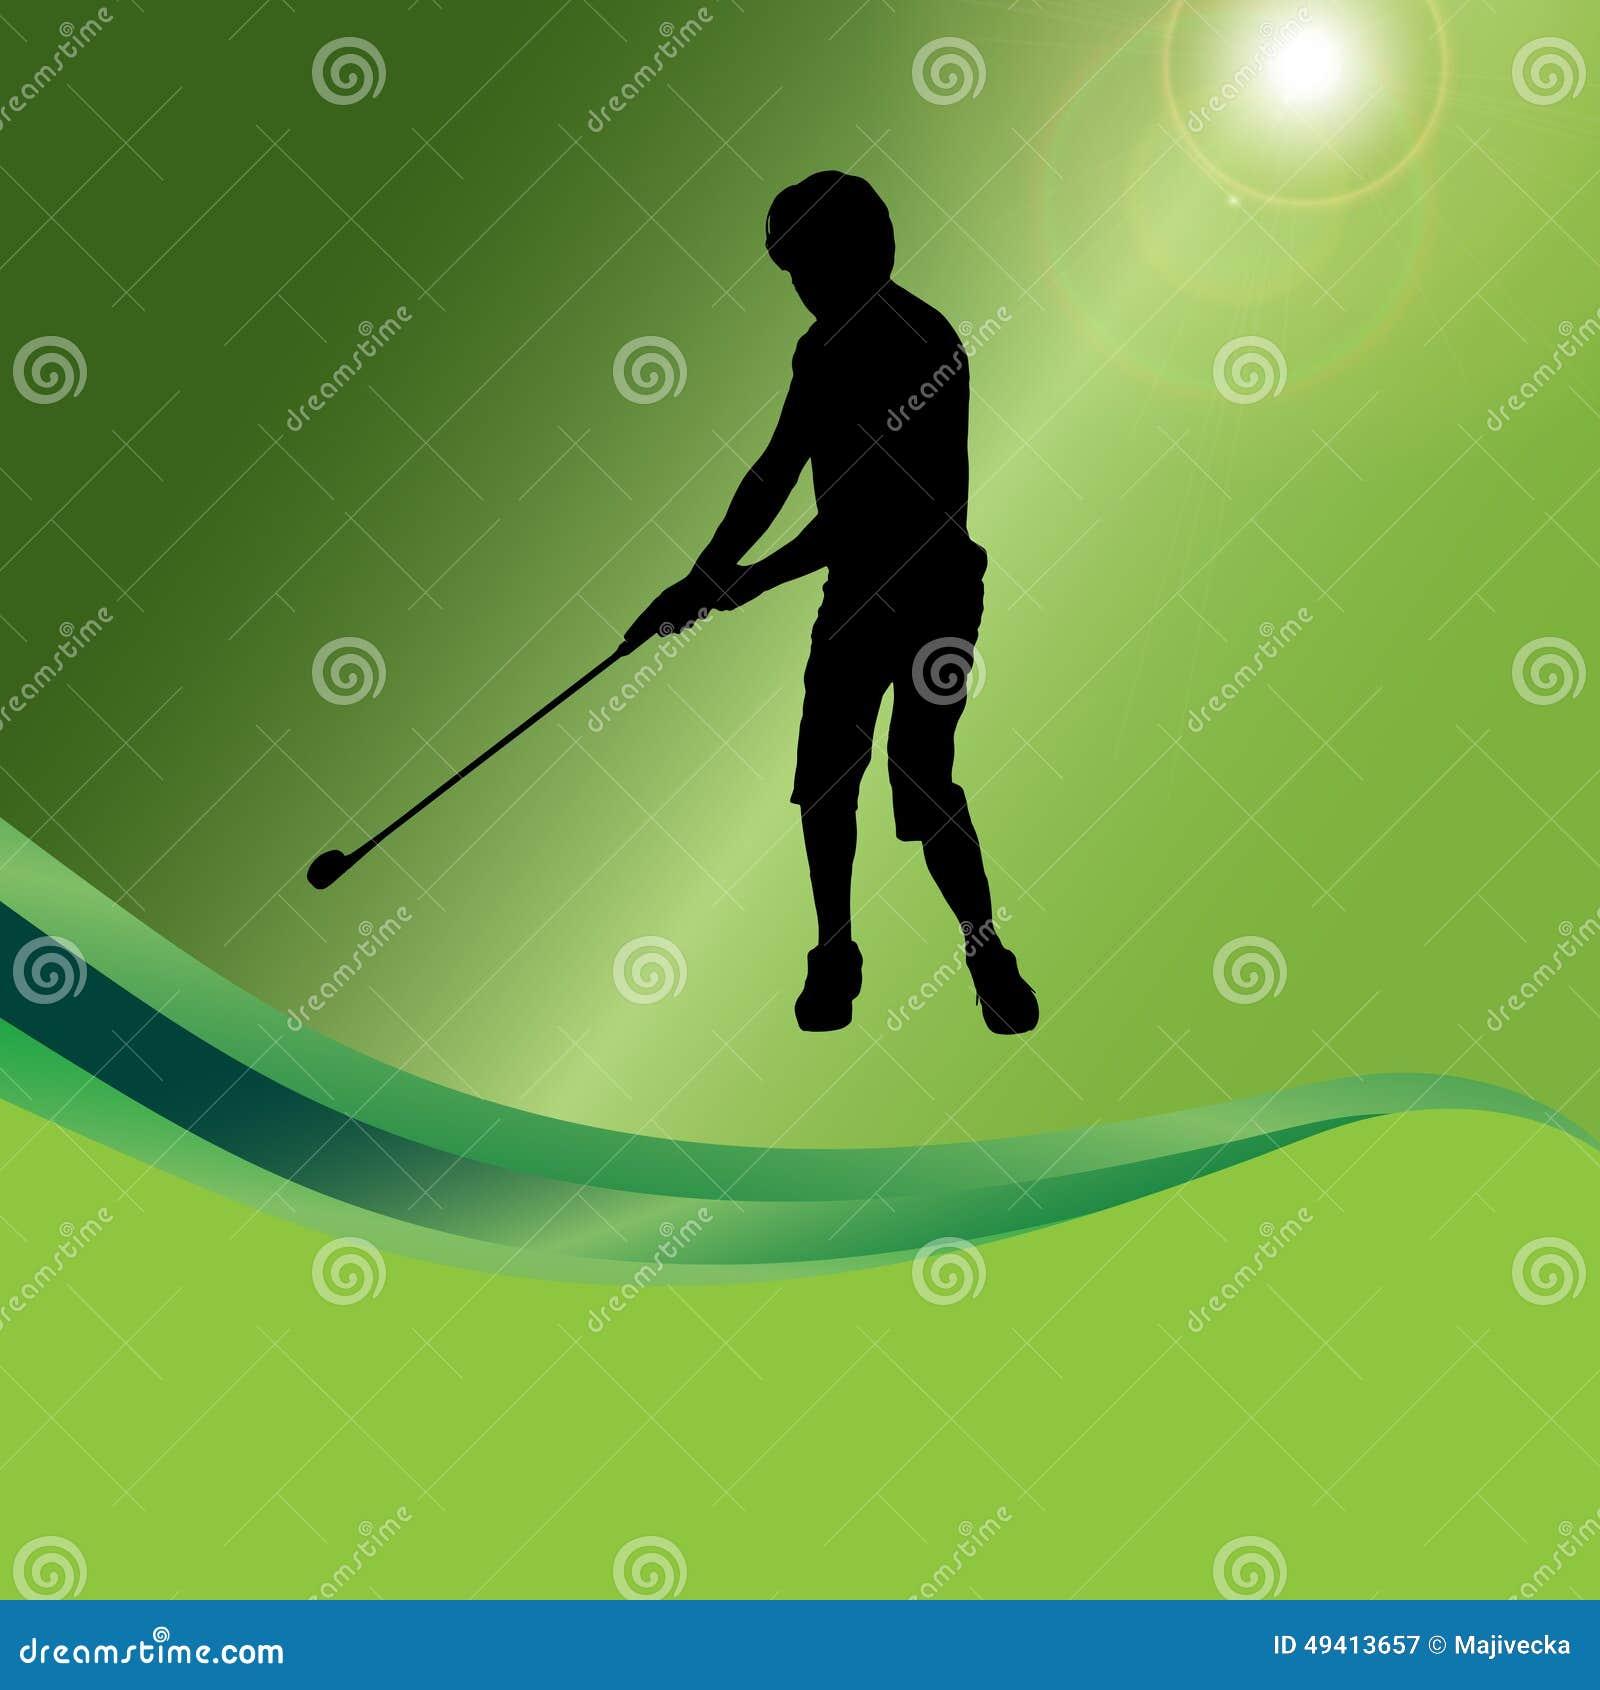 Download Vektorschattenbild Eines Mannes, Der Golf Spielt Vektor Abbildung - Illustration von meister, grün: 49413657